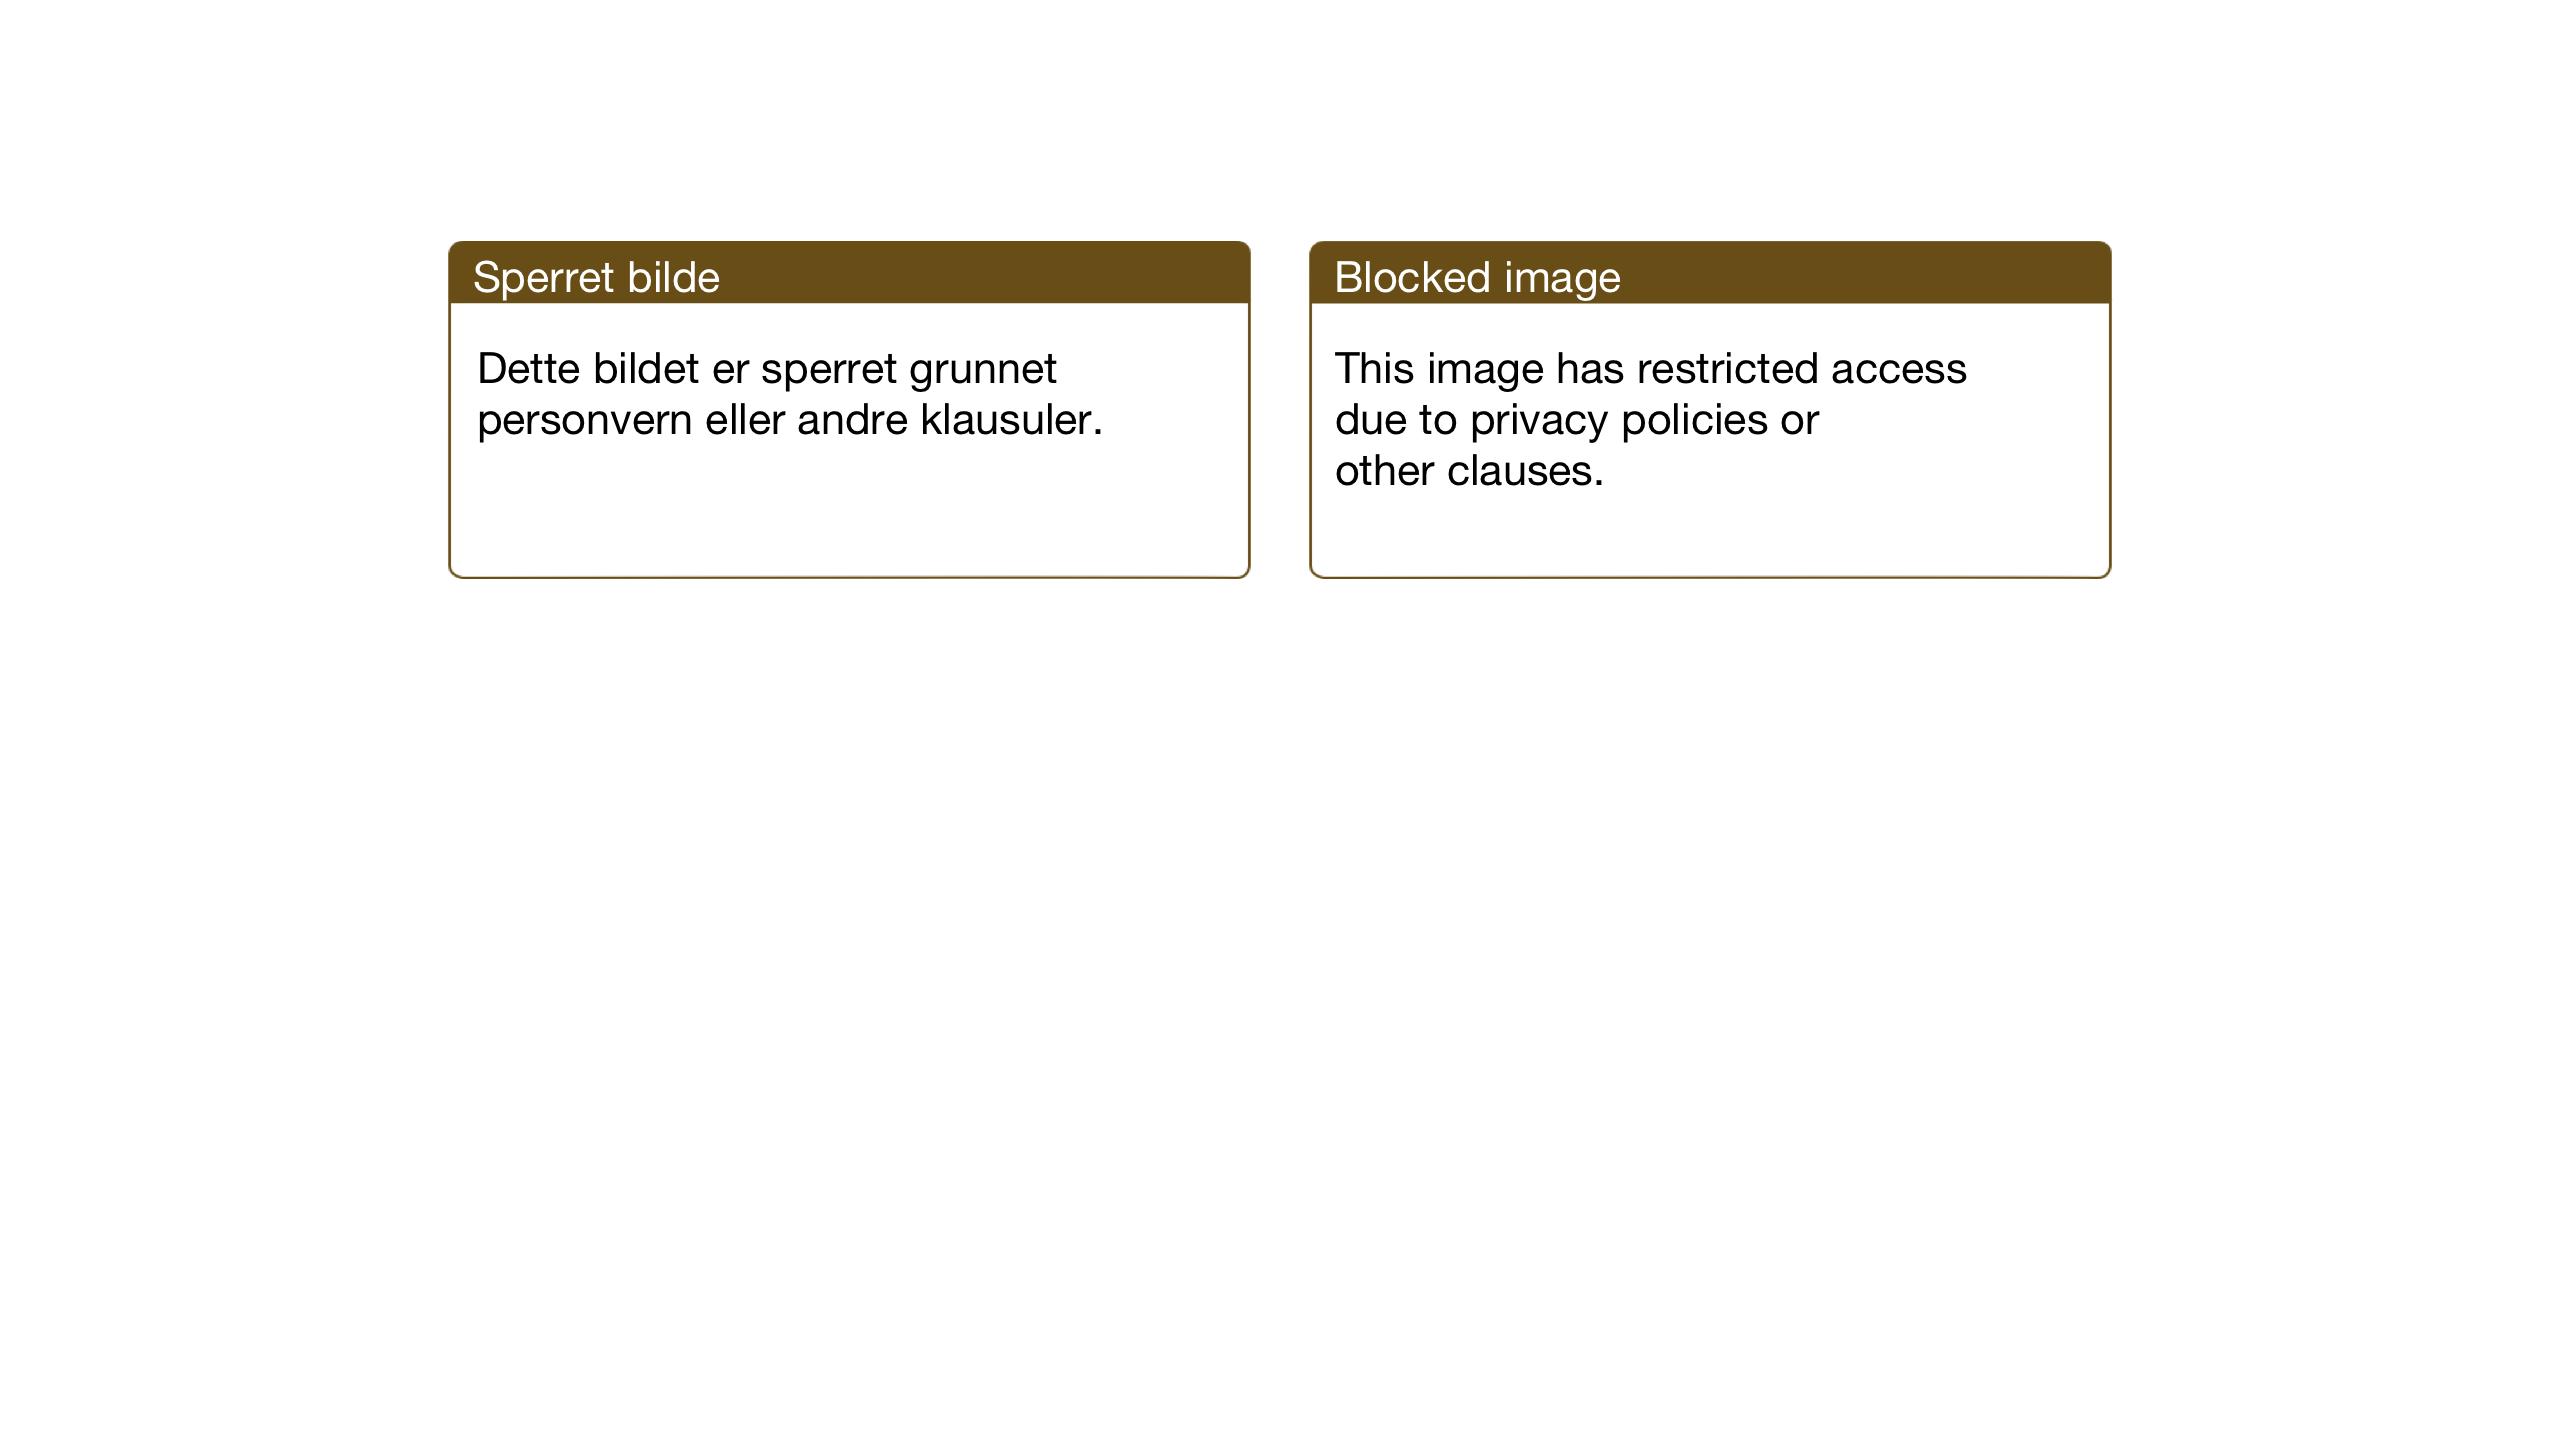 SAT, Ministerialprotokoller, klokkerbøker og fødselsregistre - Sør-Trøndelag, 608/L0342: Klokkerbok nr. 608C08, 1912-1938, s. 29